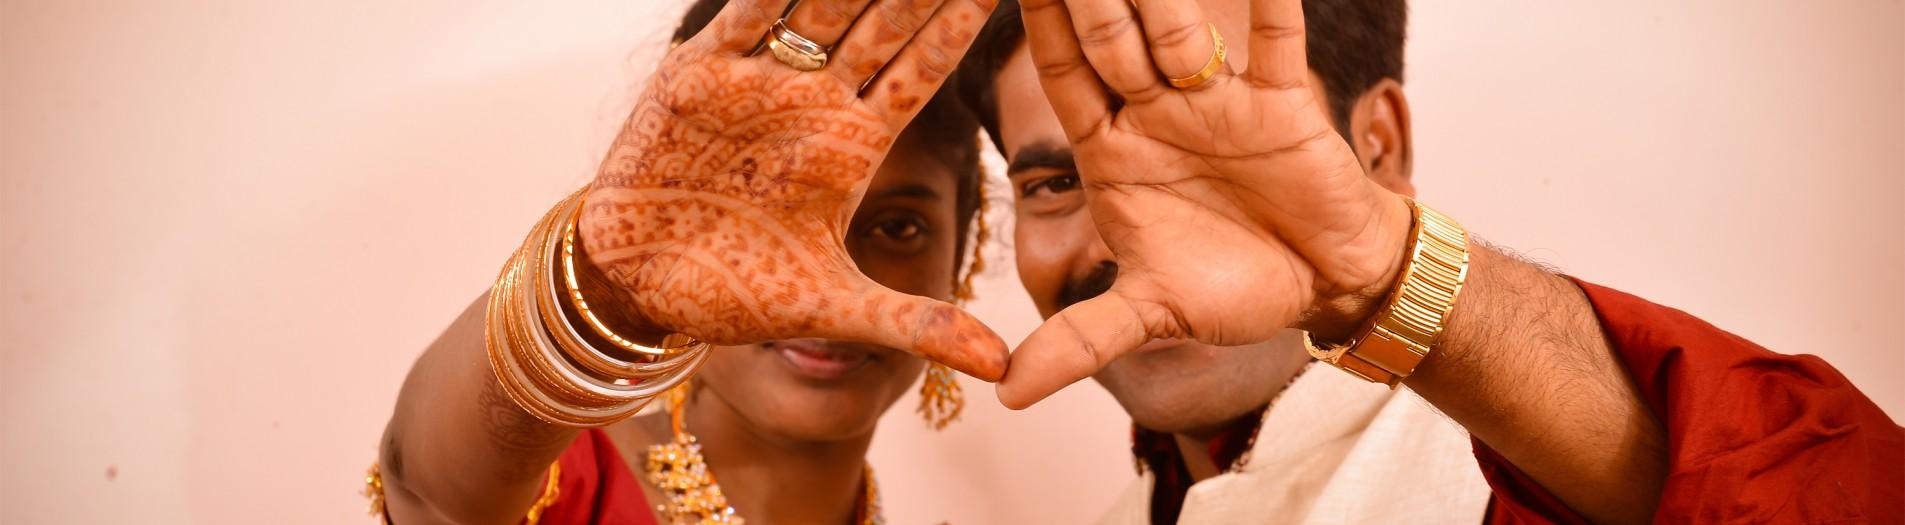 sankarapandian&Keerthika